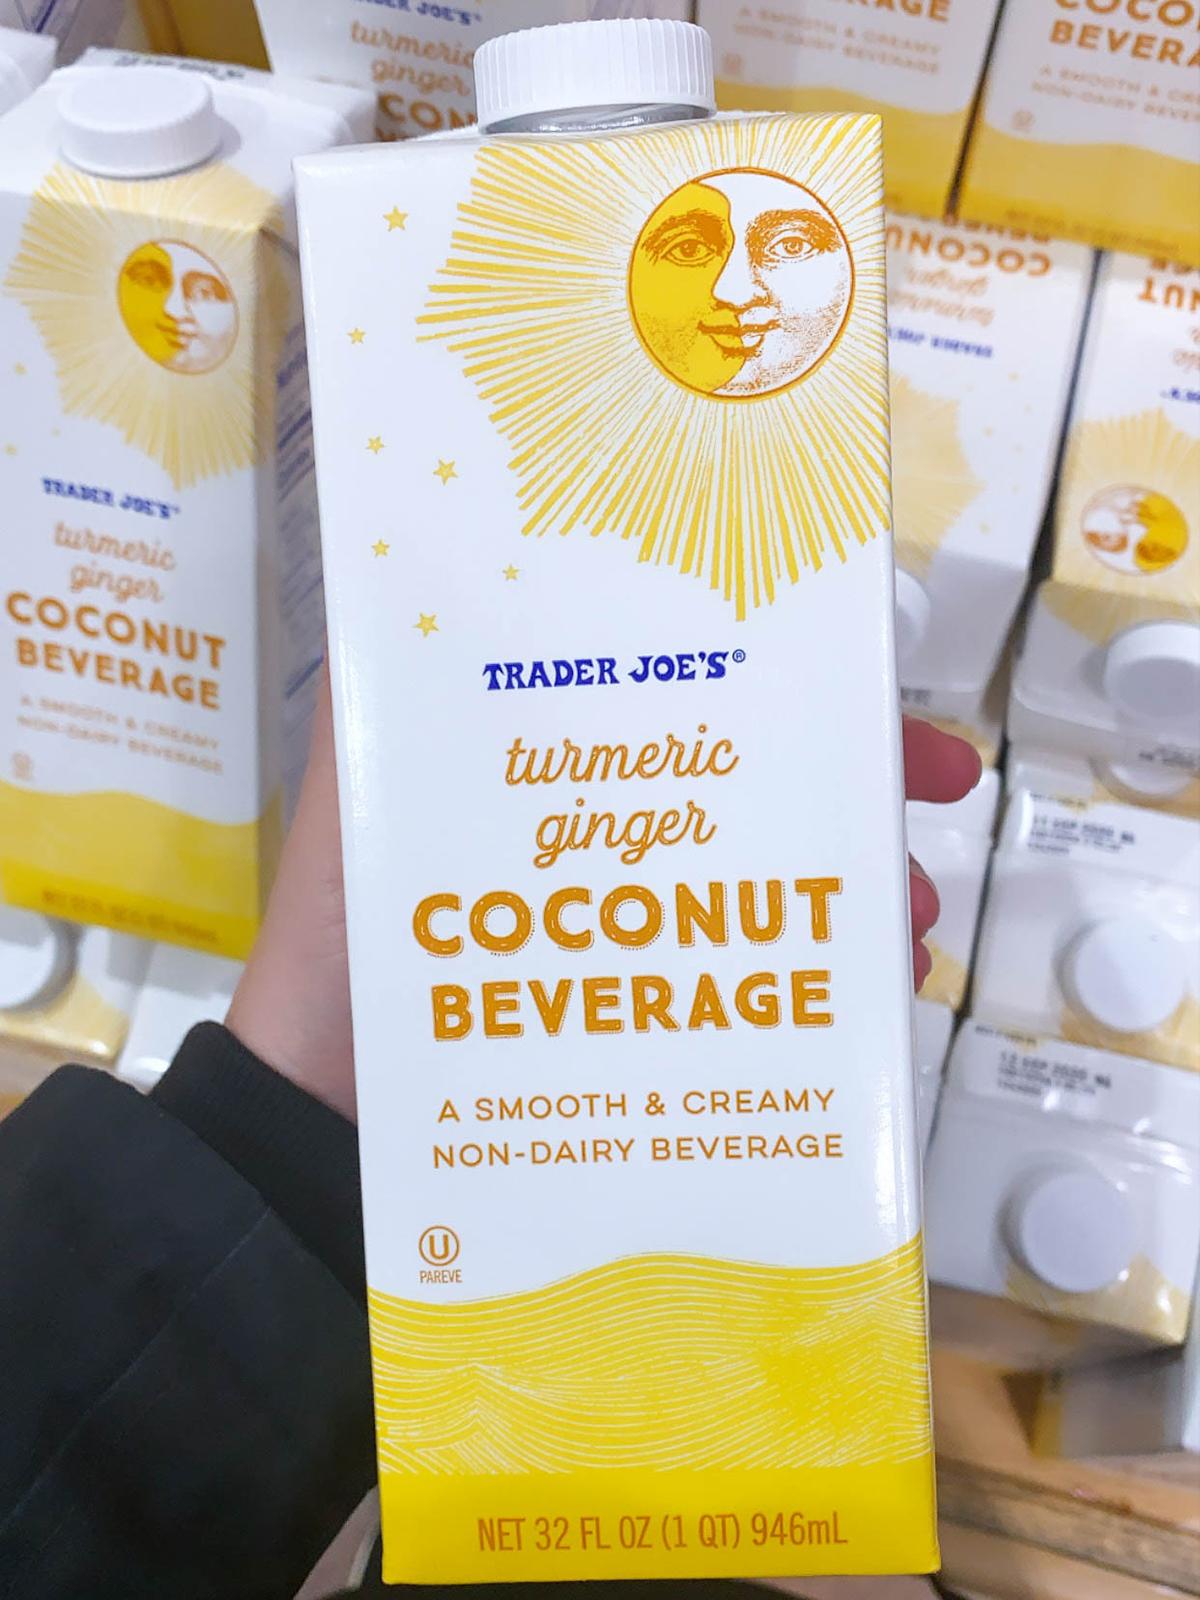 Trader Joes Turmeric Ginger Coconut Beverage